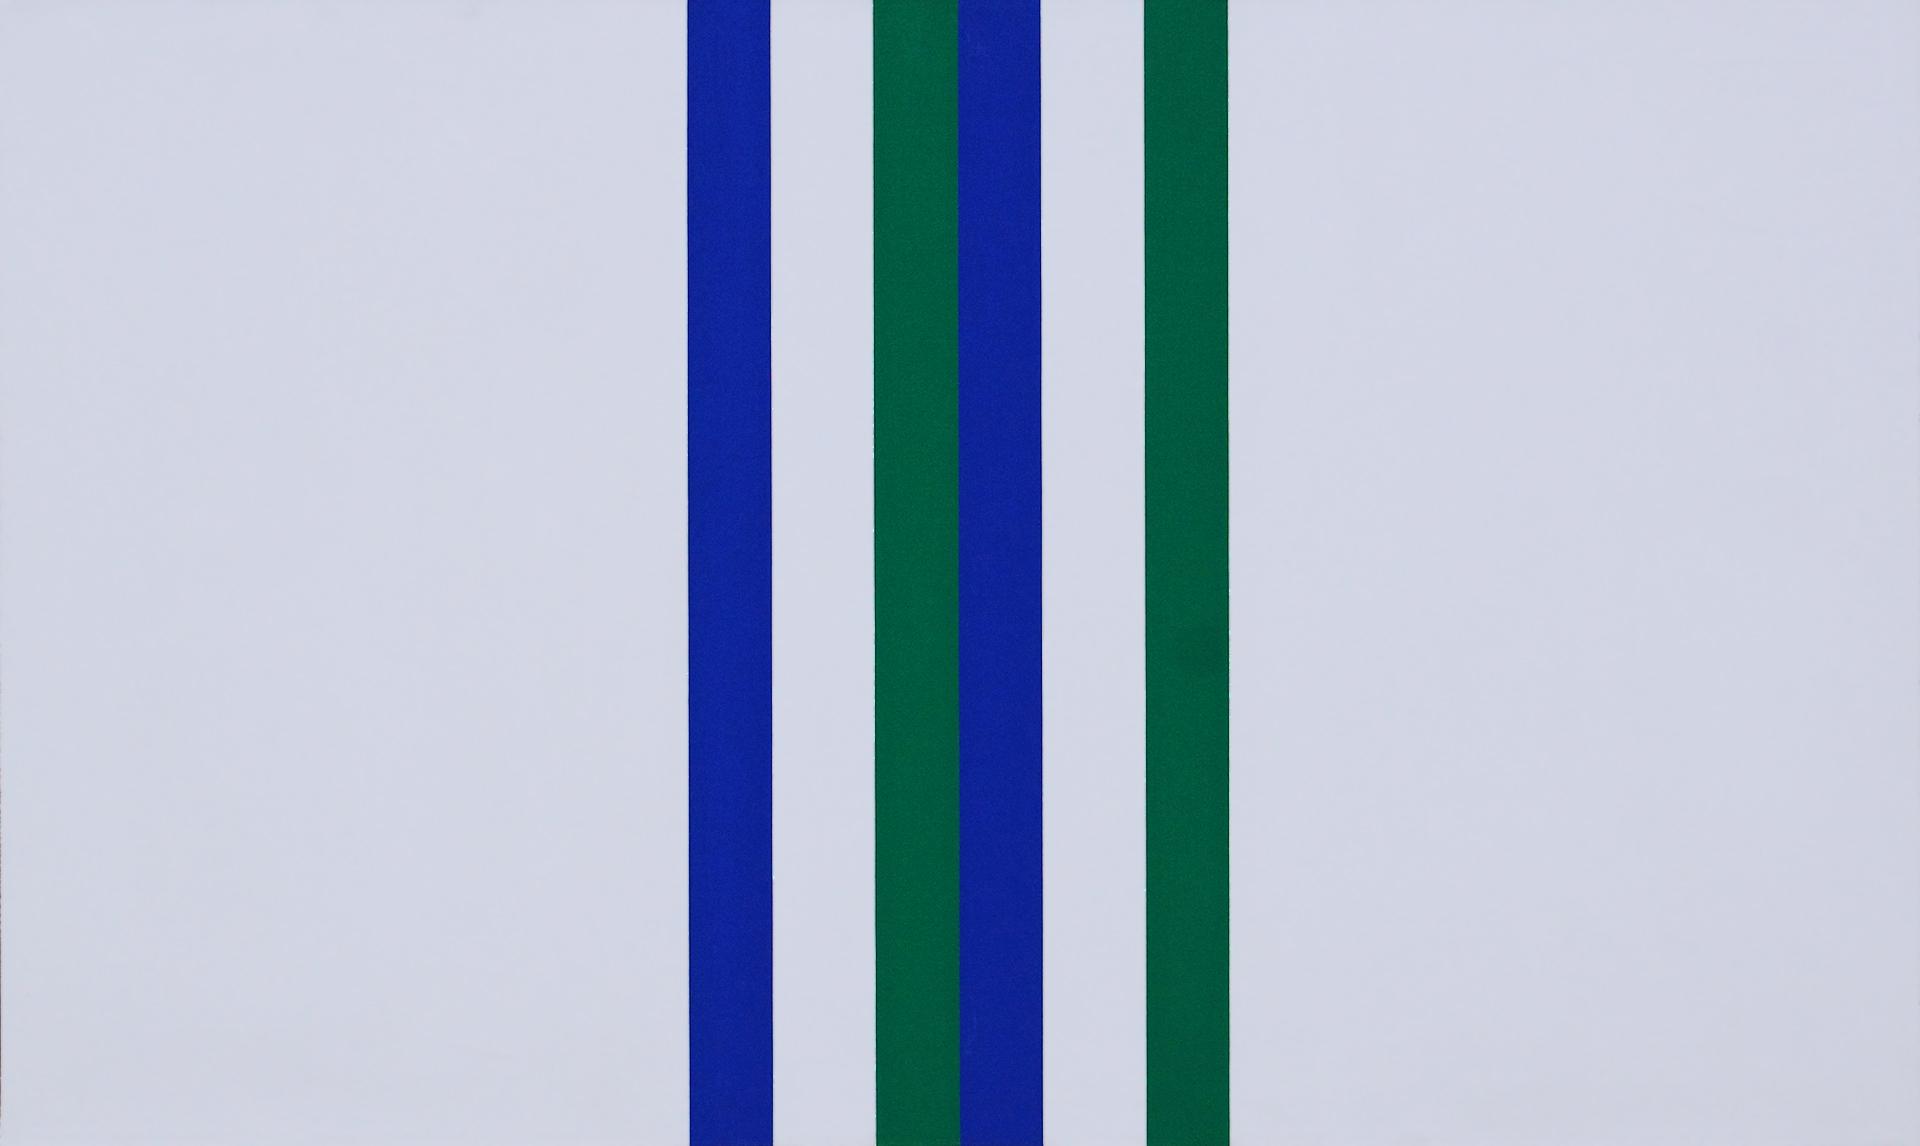 Andreas Brandt: Streifen auf Weiß (1978)